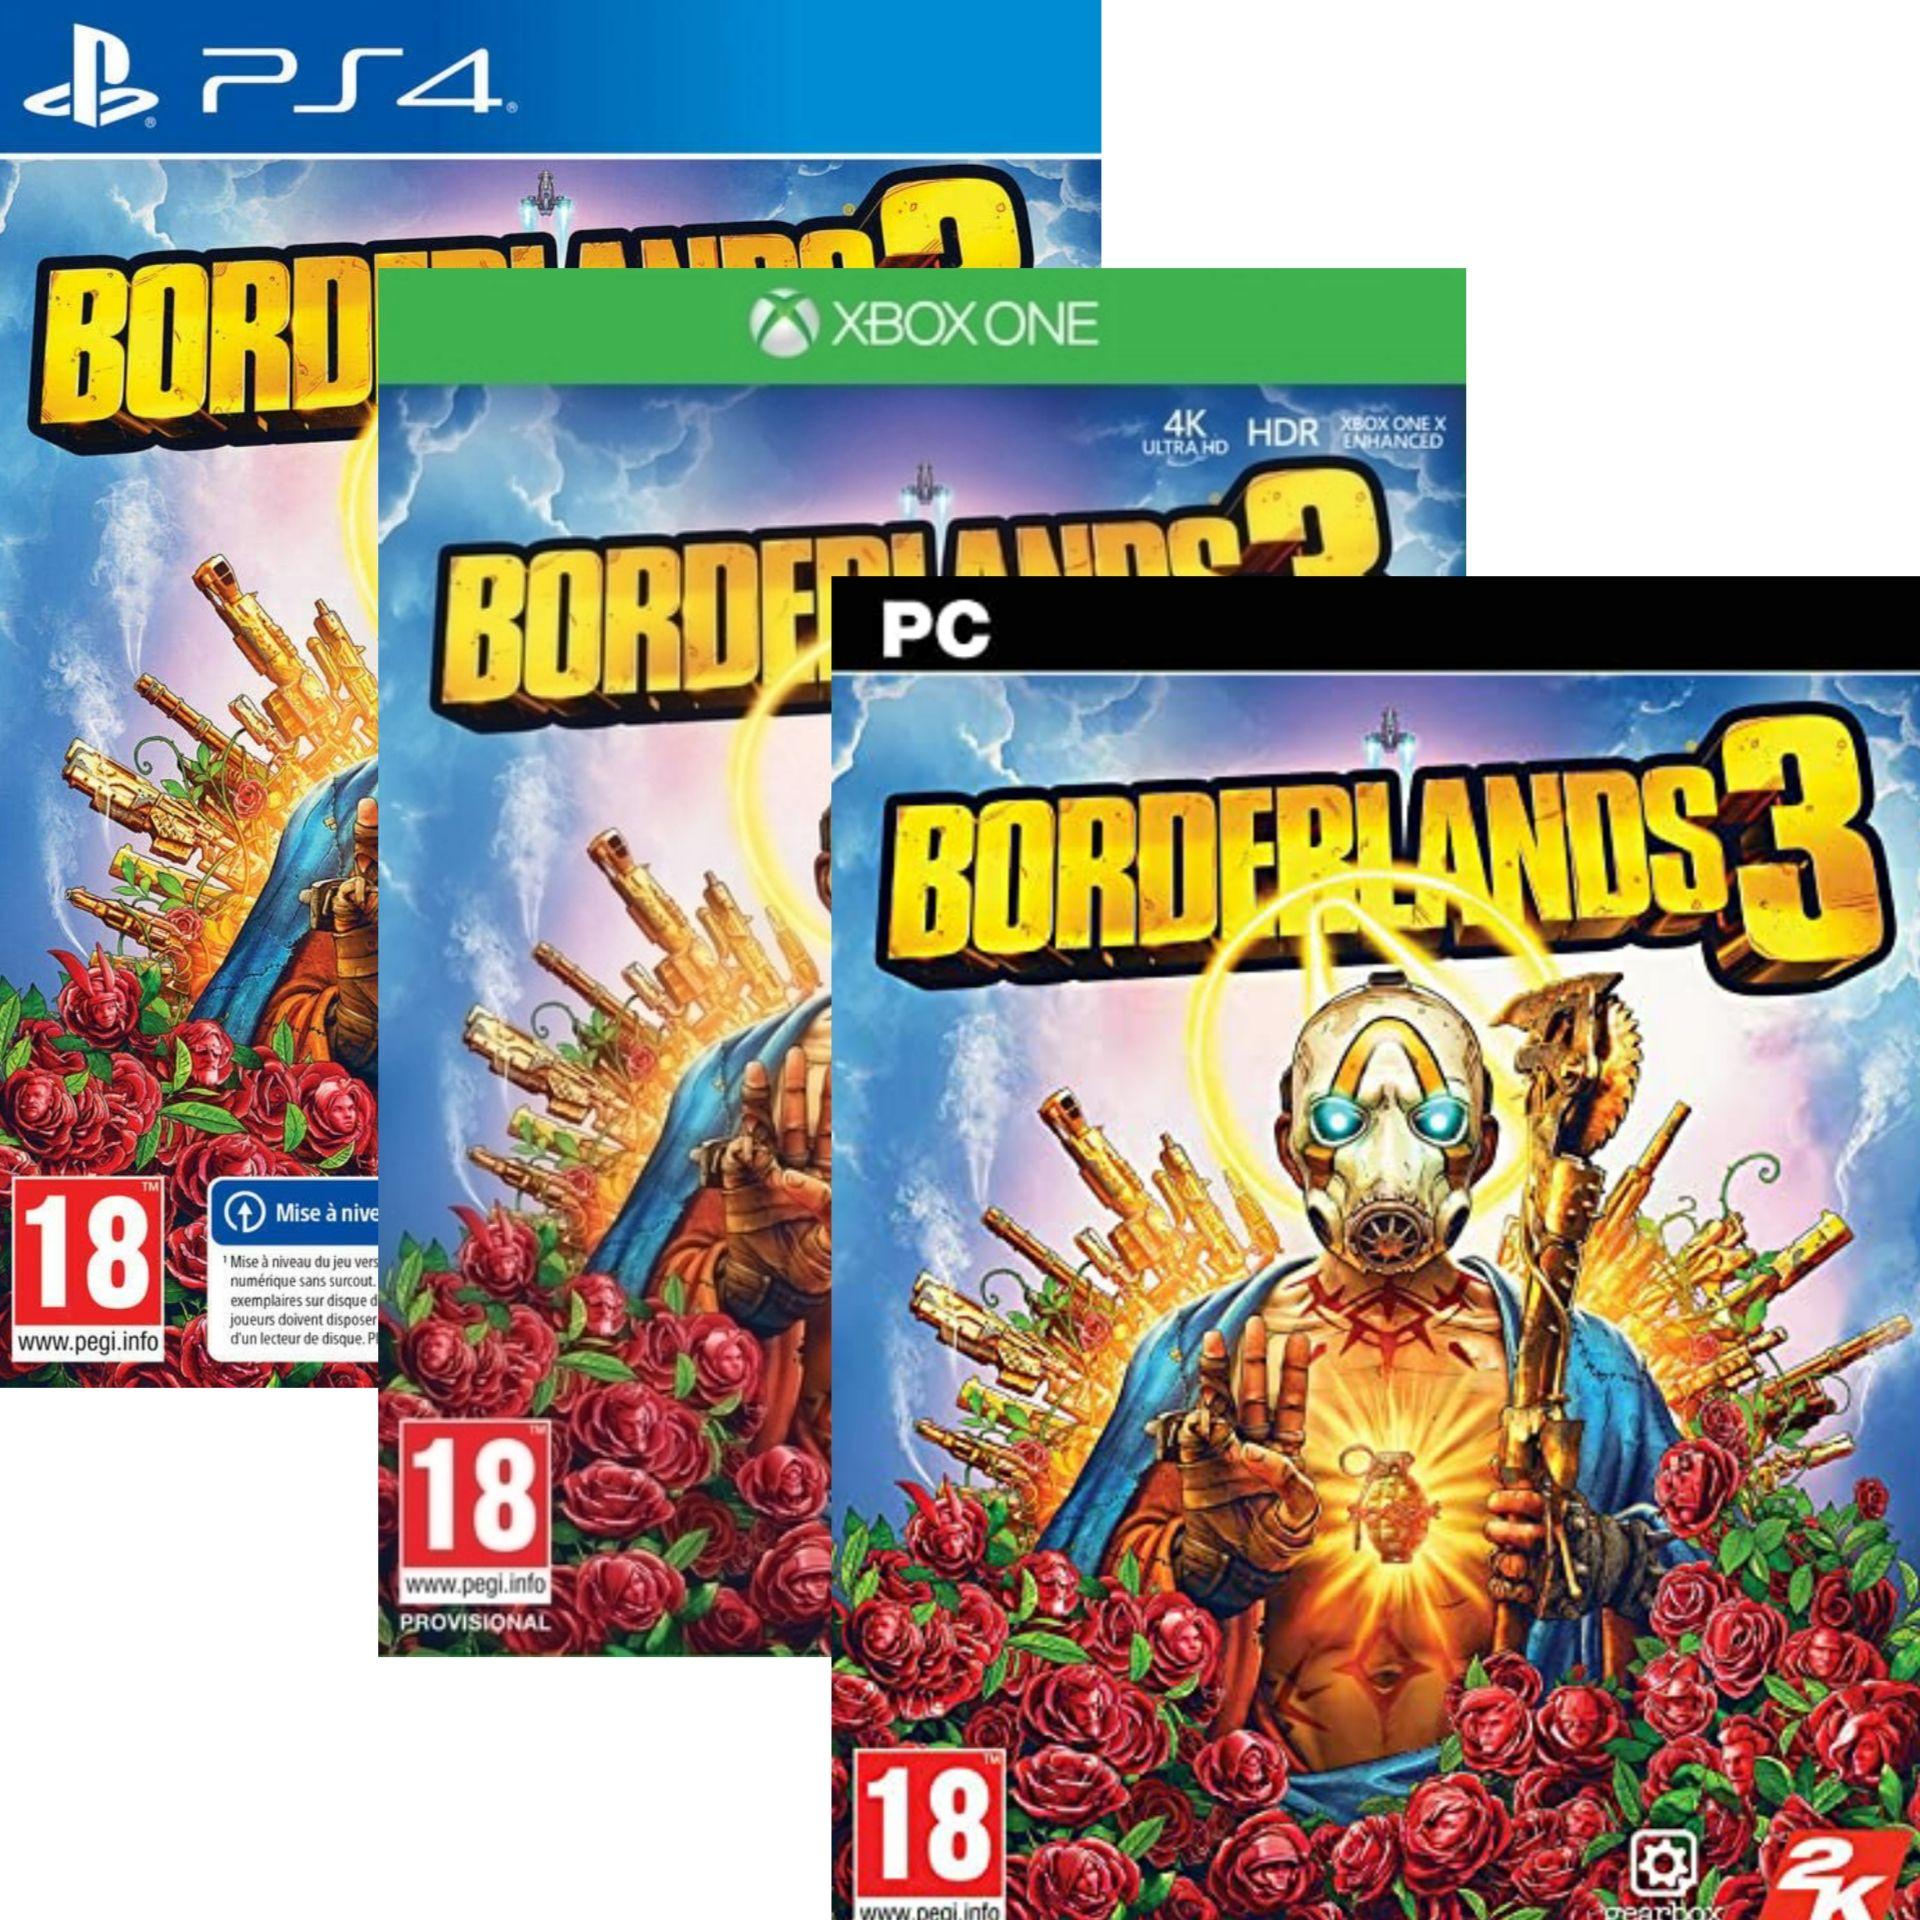 Borderlands 3 sur XboxOne à 8,99€ / PS4 & PC à 9,99€